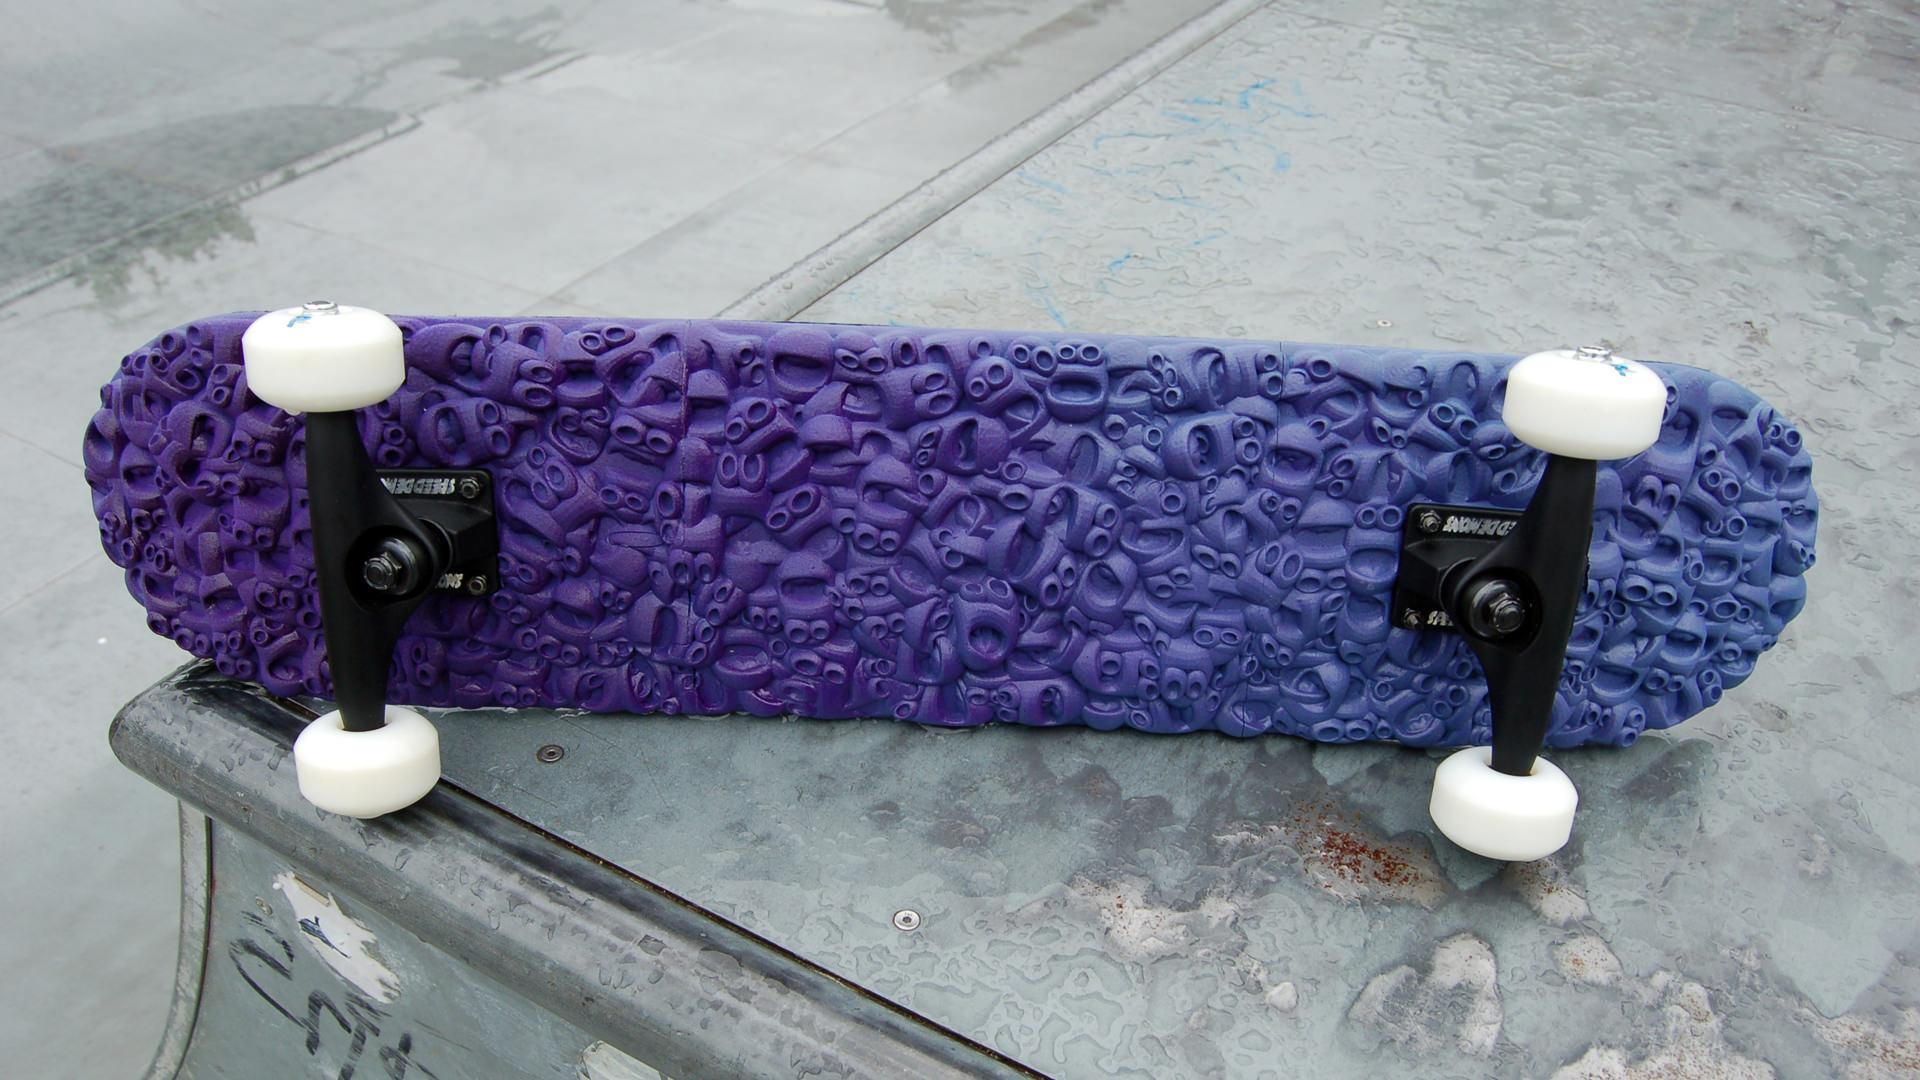 Skateboard Deck 3D Model 3D printable .stl - CGTrader.com